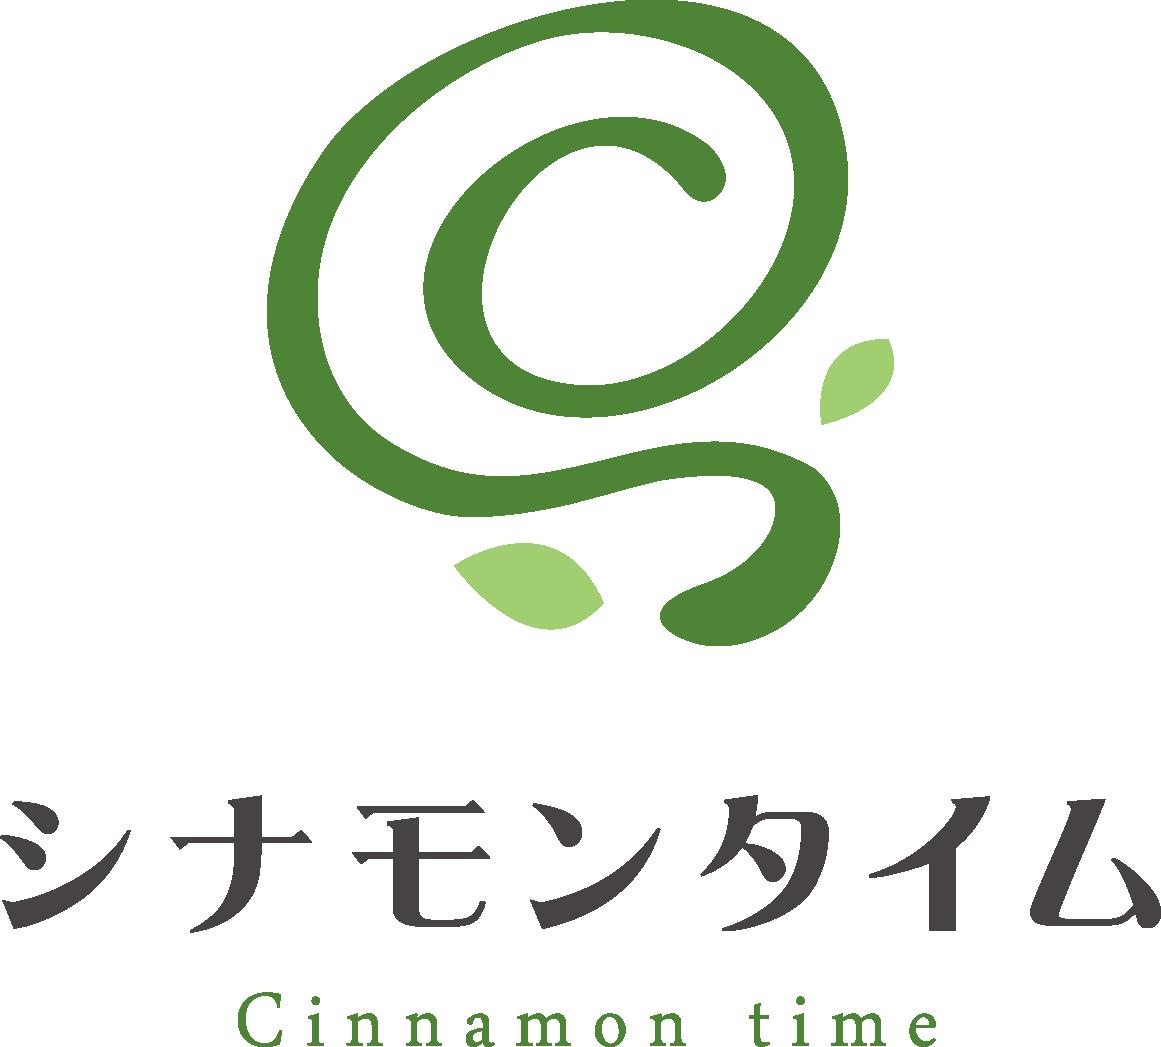 小売業と親しみ/優しいと緑のロゴ